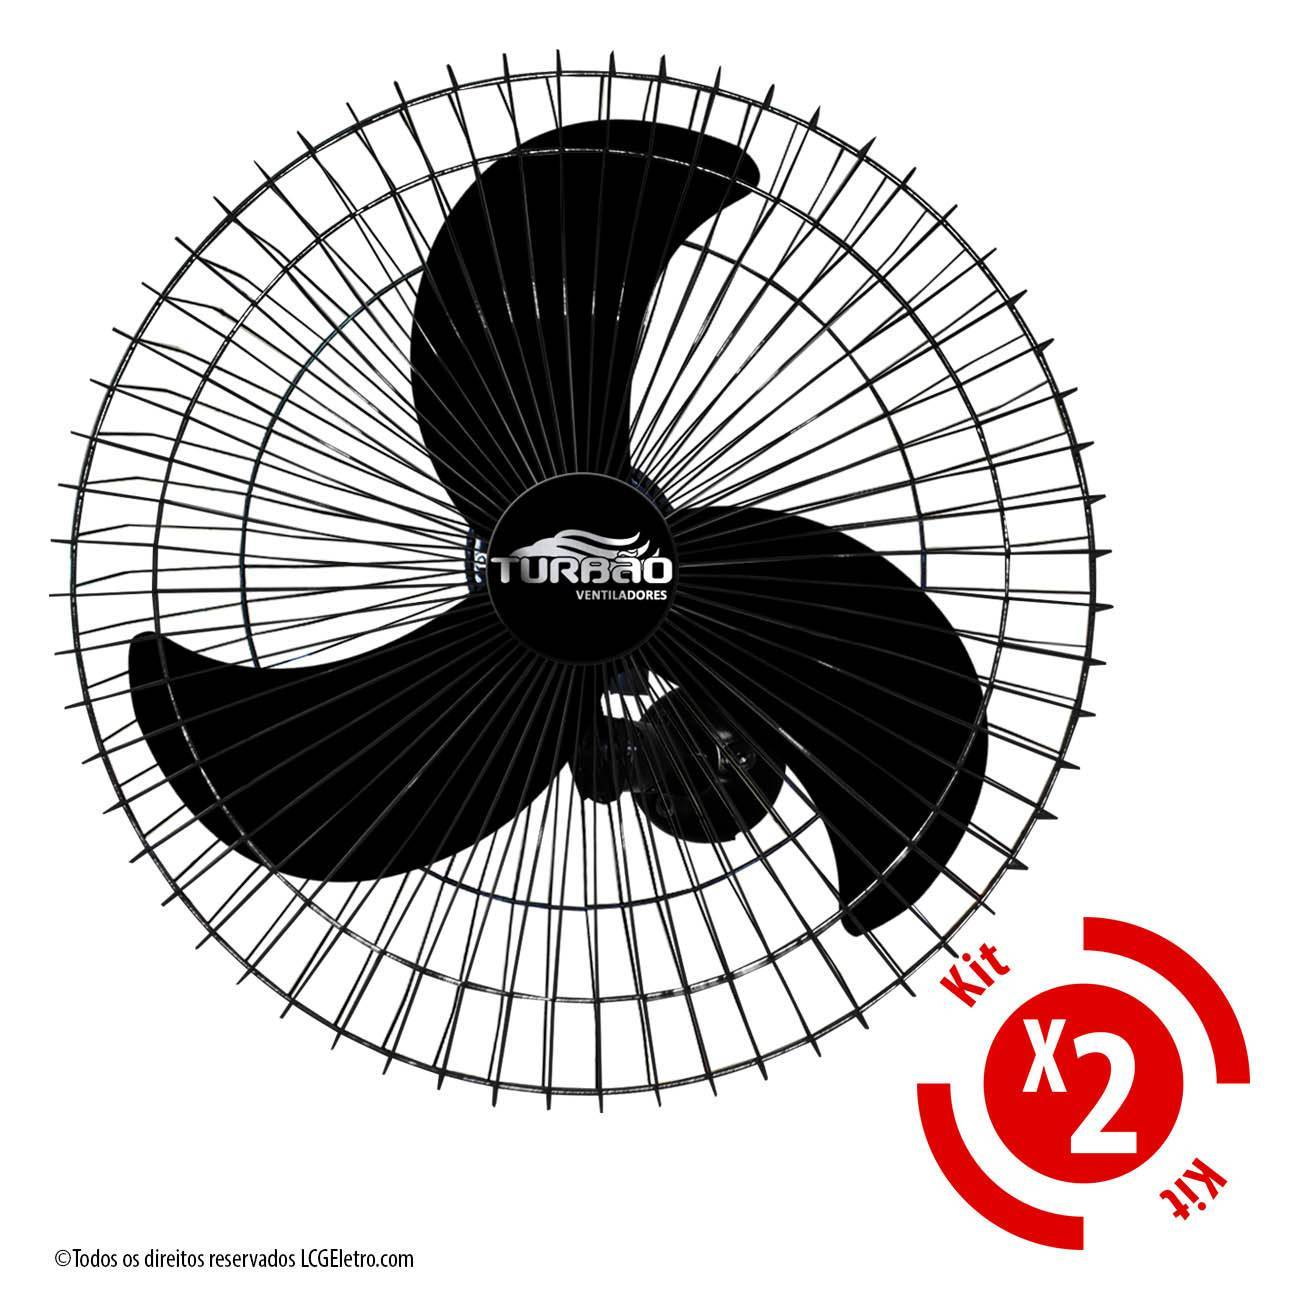 Kit 2 Ventiladores de Parede 60cm Oscilante Preto Turbão 200 - LCGELETRO